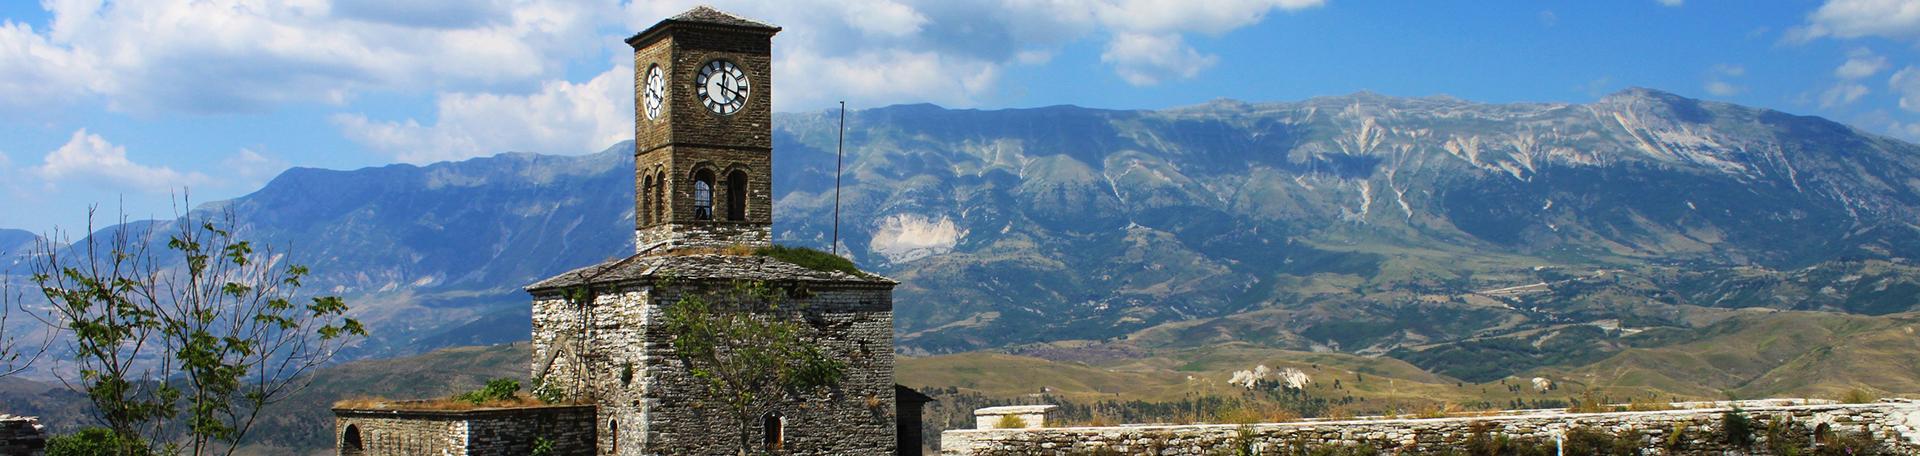 Château de Gjirokaster, Voyages et Vacances en Albanie